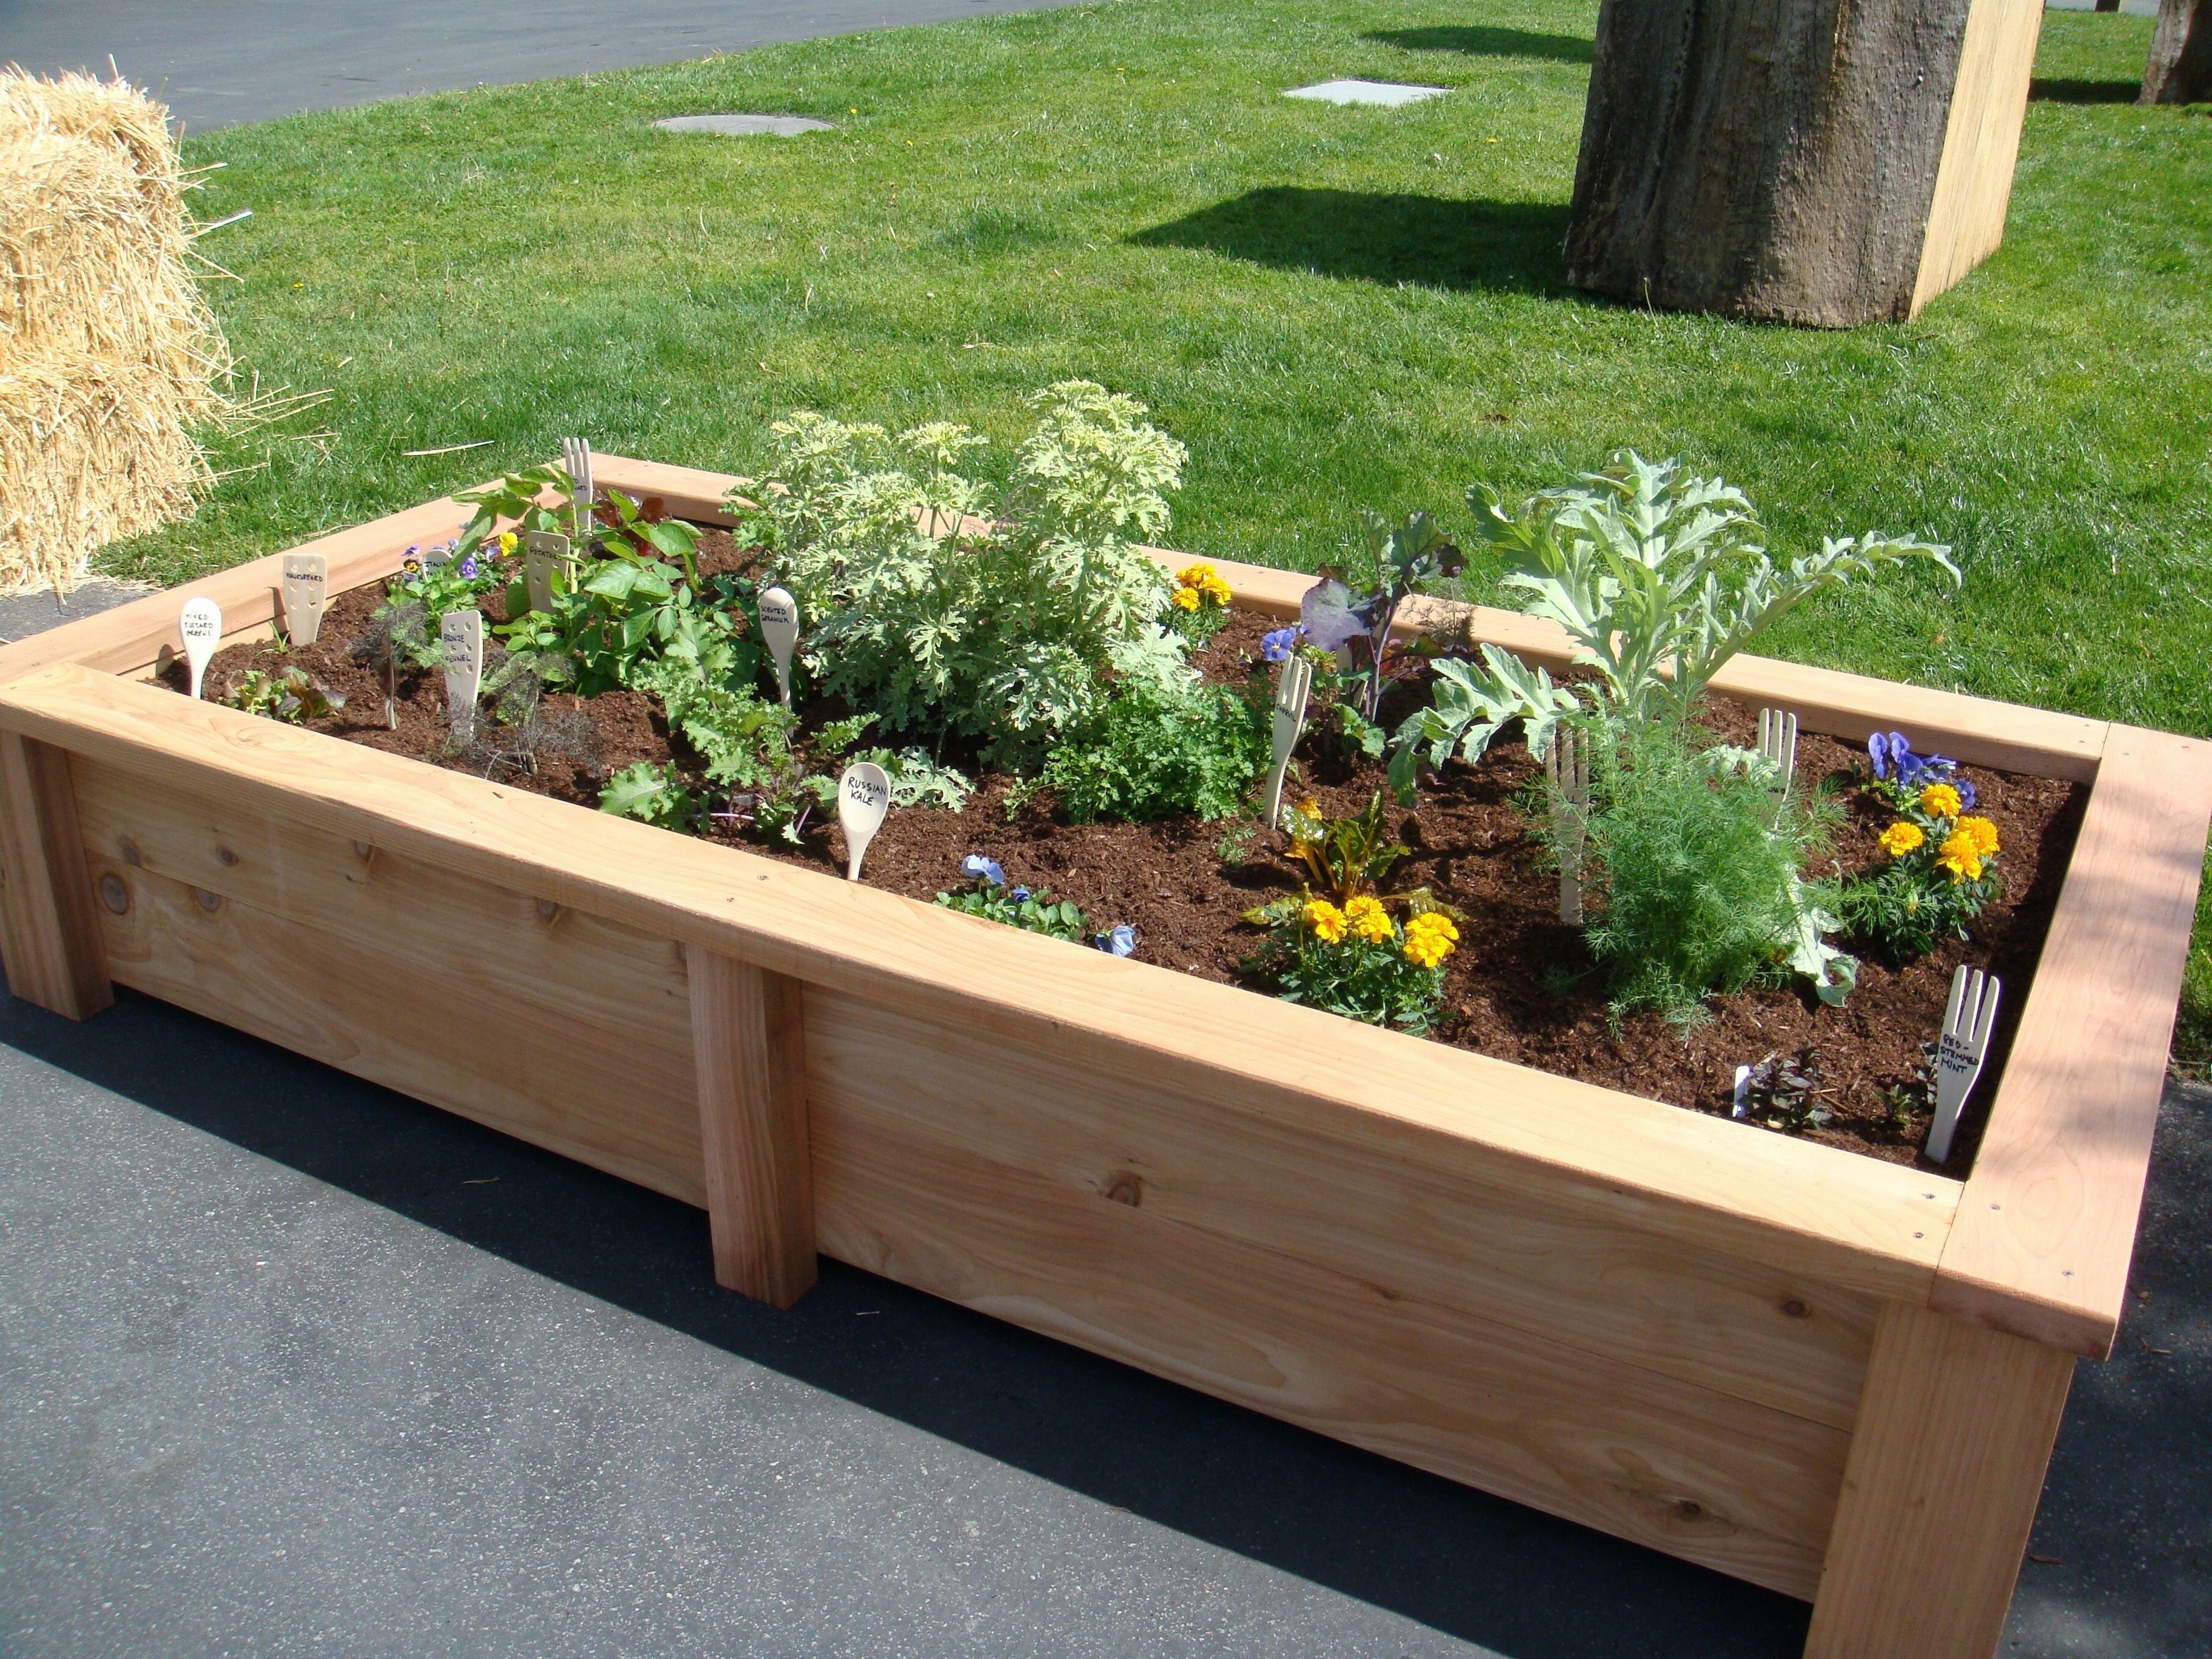 10 Unique Raised Bed Garden Design Ideas raised bed garden box designs marvellous new raised garden box 2021